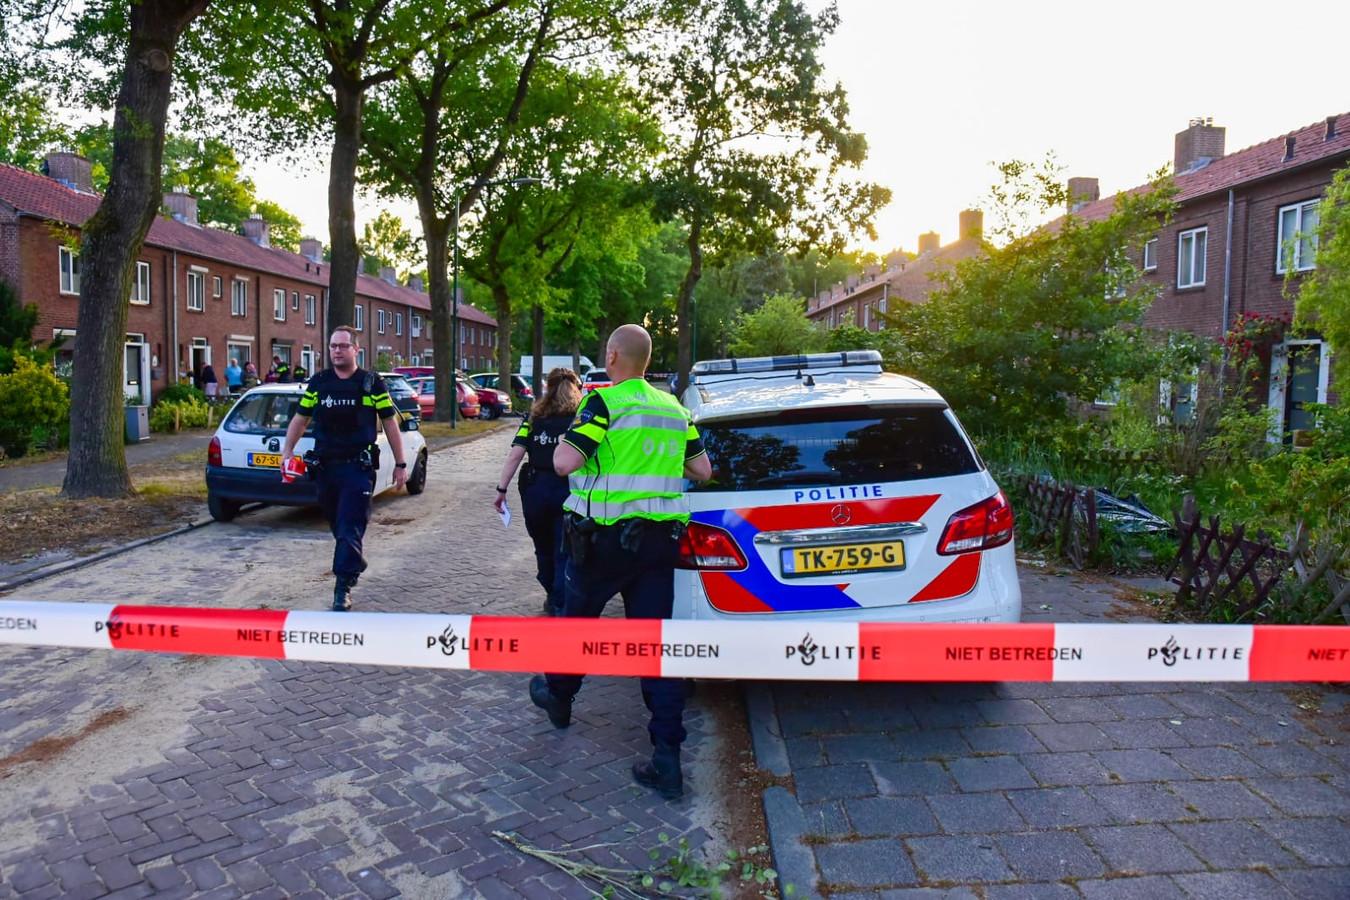 De schietpartij had plaats op 23 mei vorig jaar in de Karel Doormanstraat in Rijen.